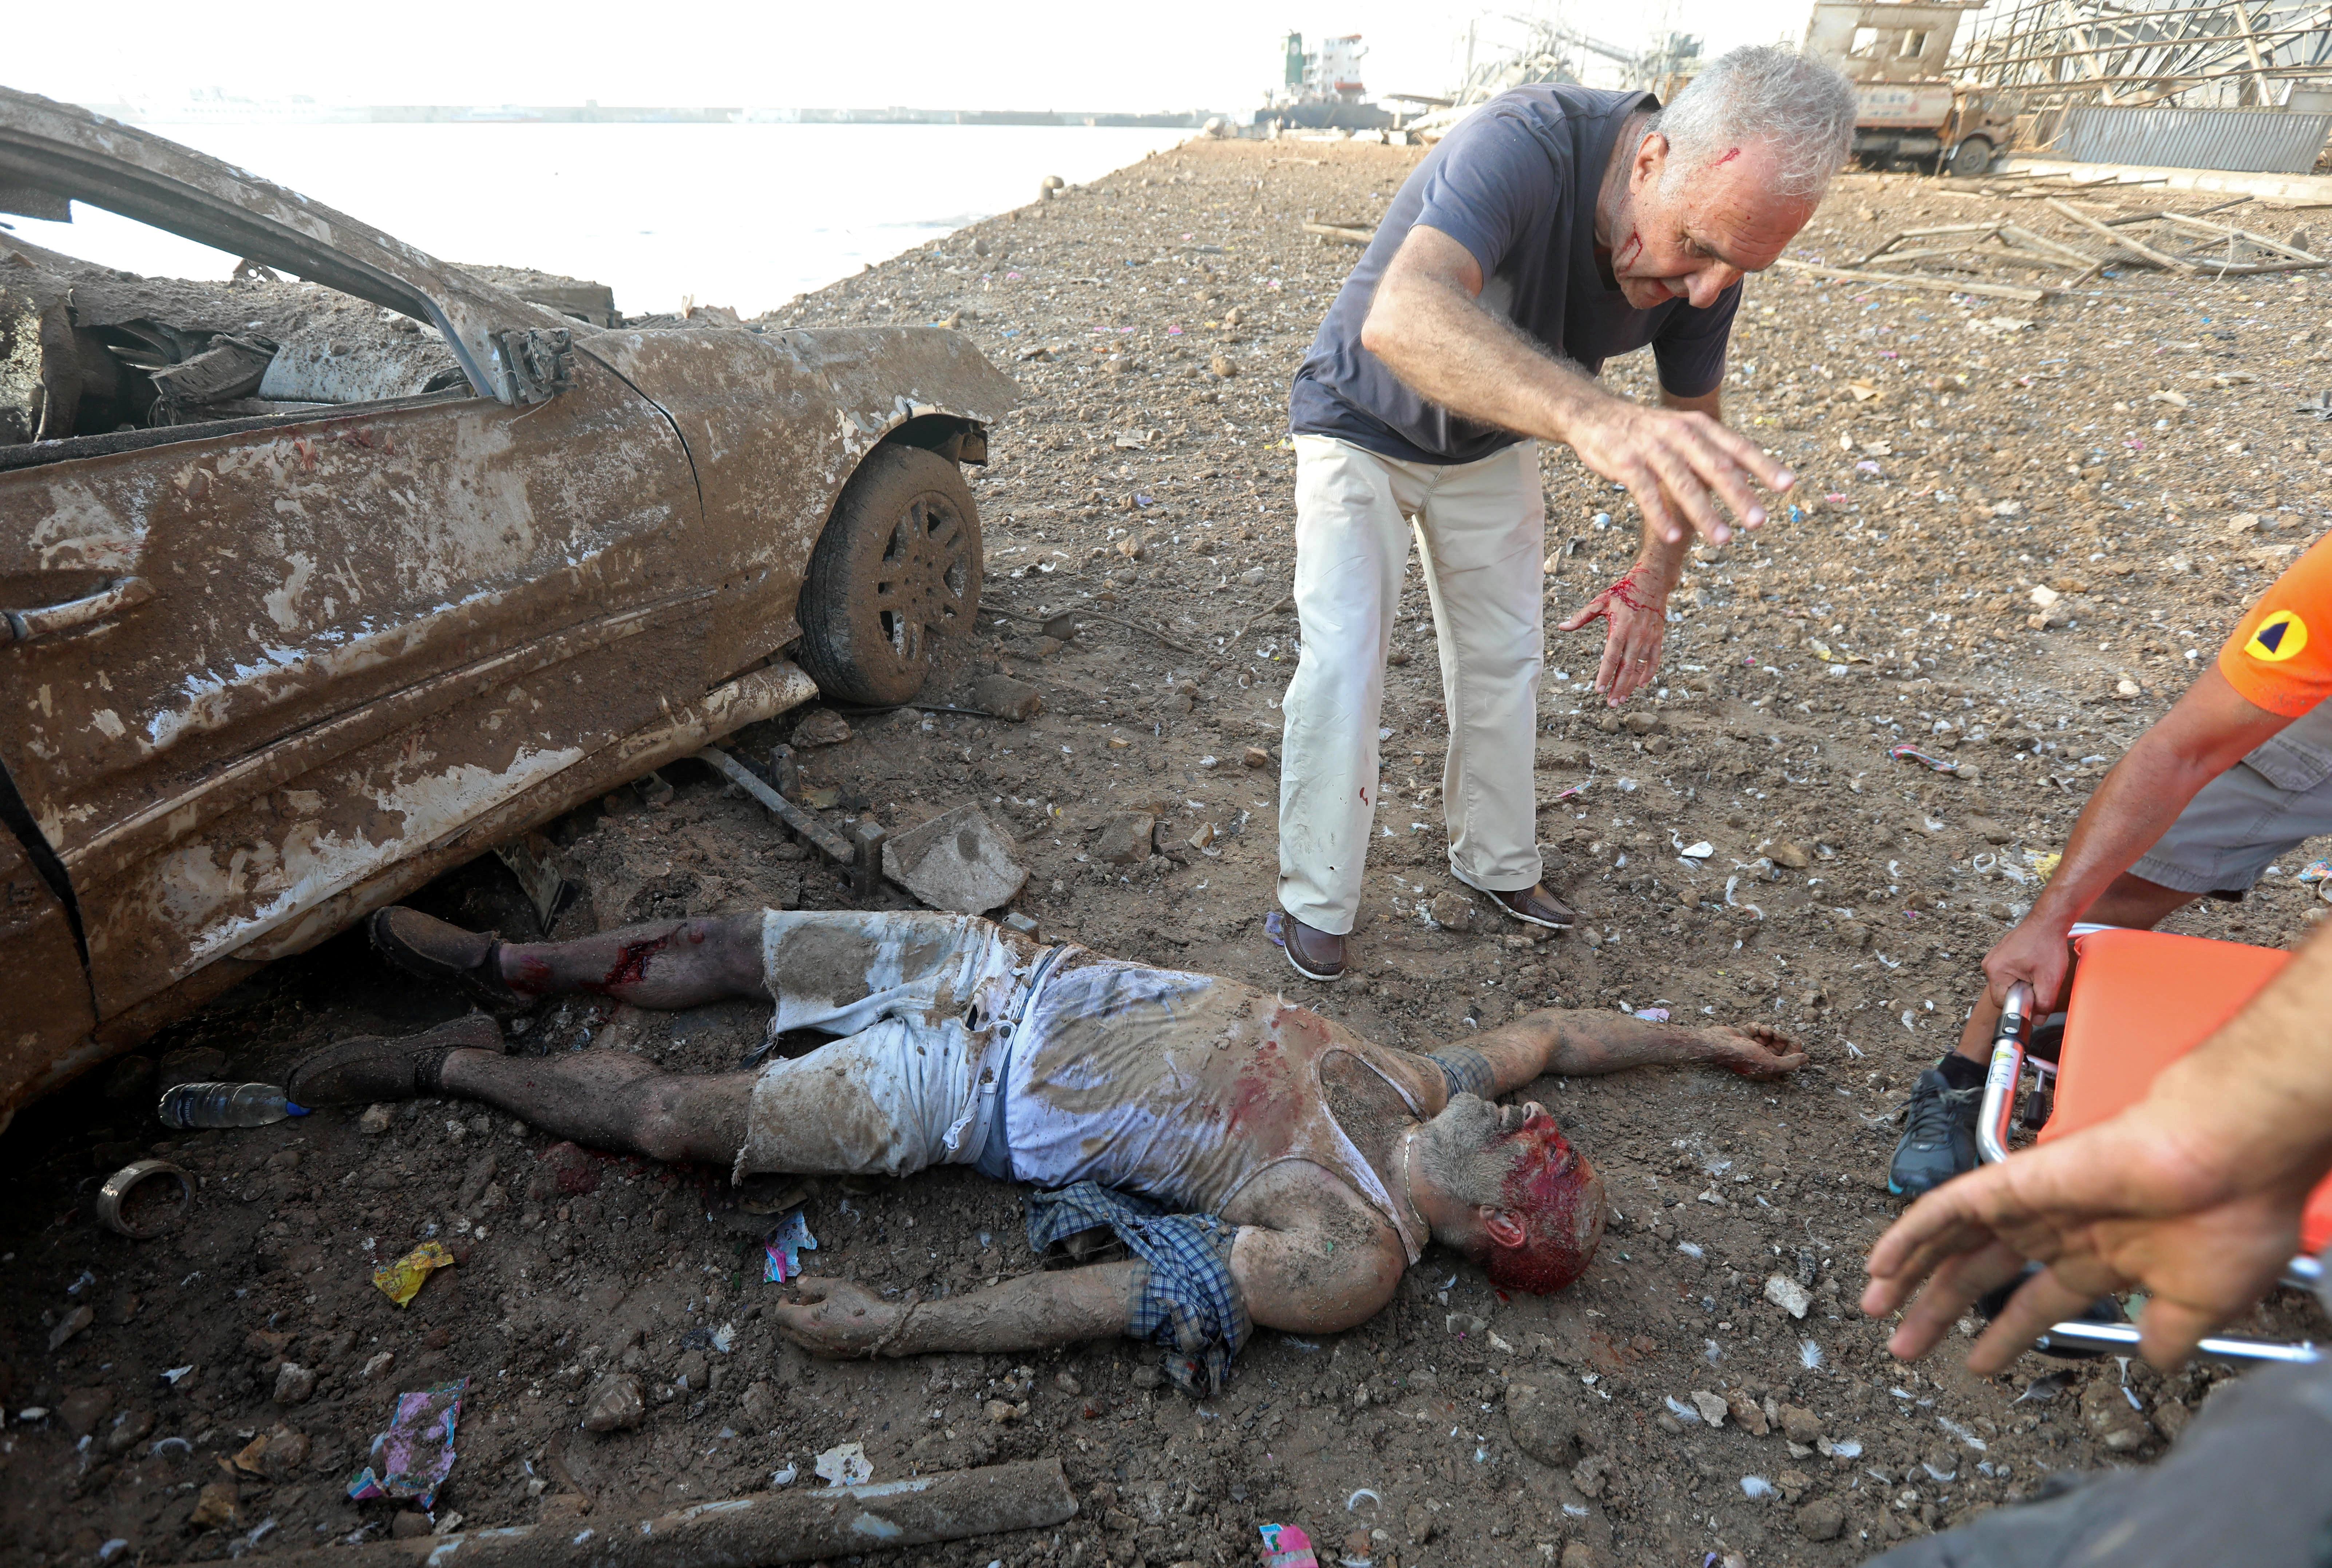 رجال الإسعاف انتشلوا الضحية.